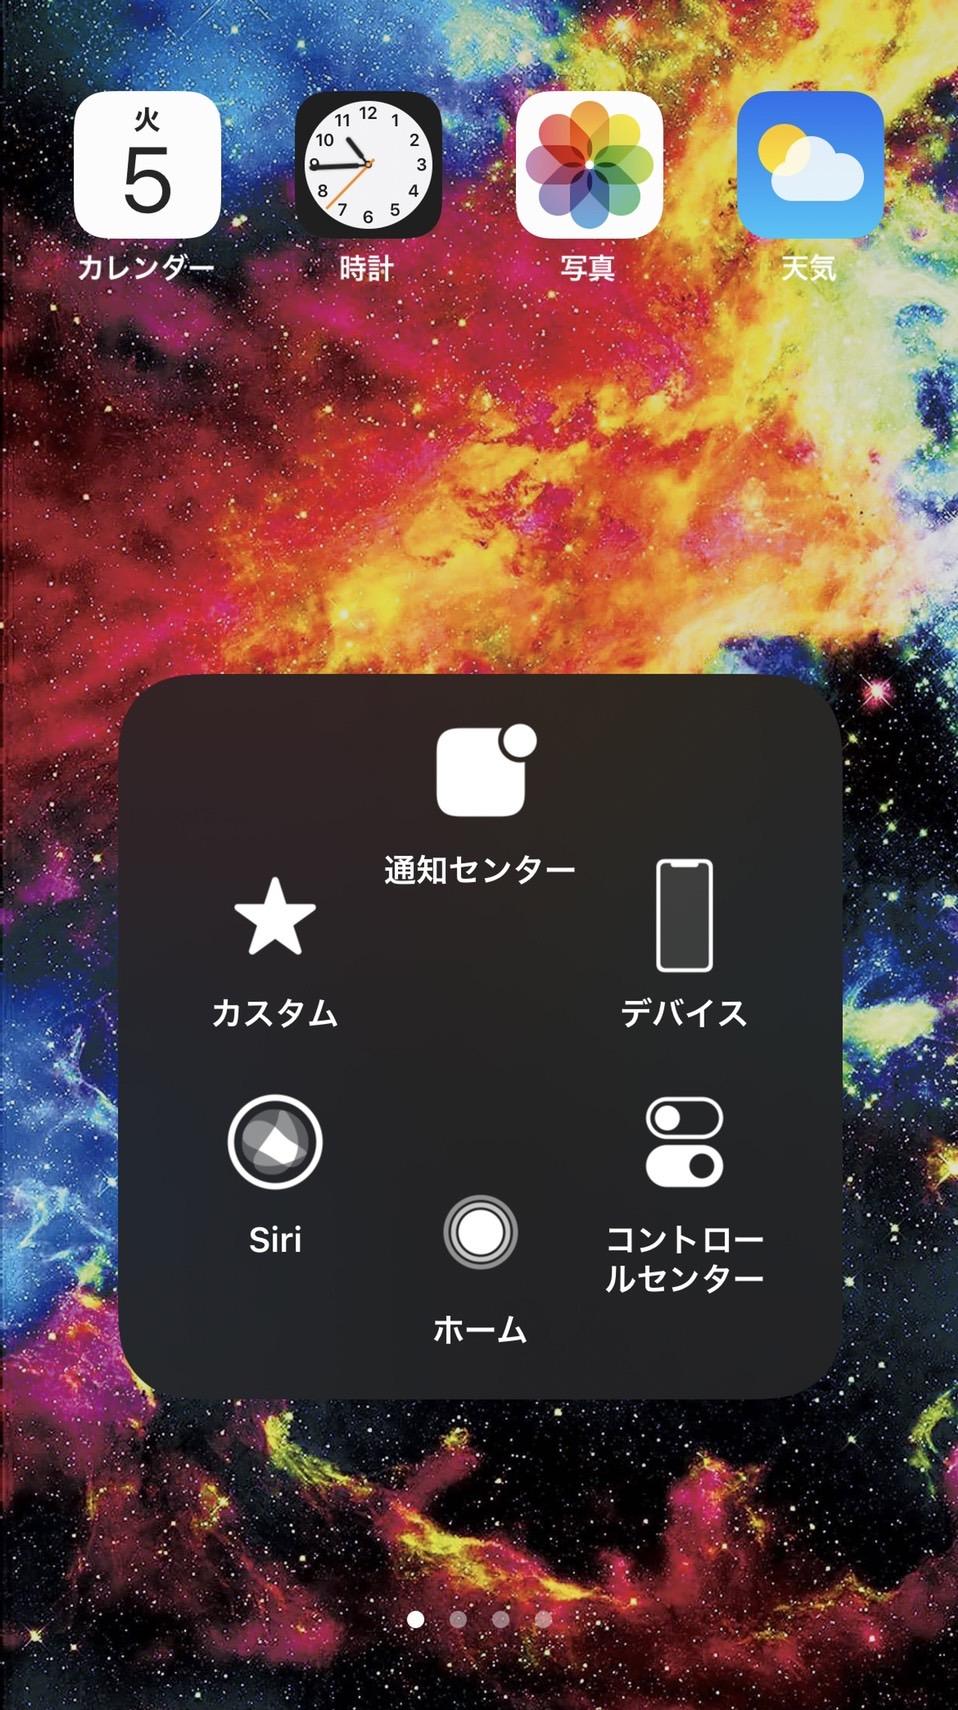 AssistiveTouch ホームボタン不良解決法